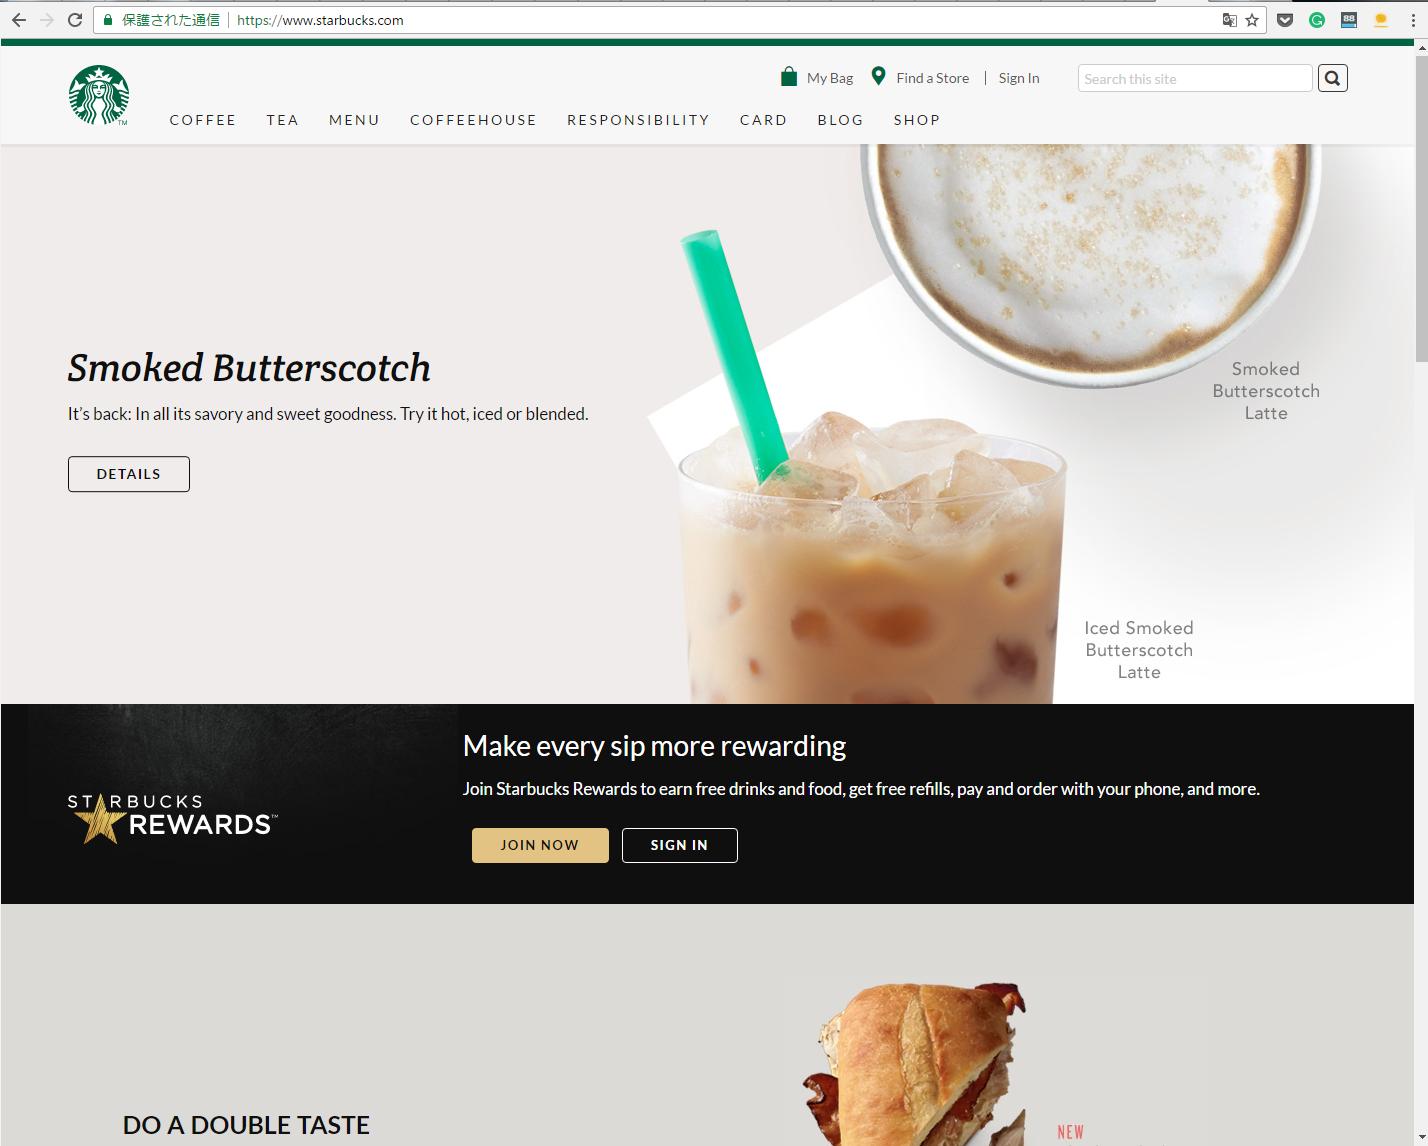 www.starbucks.com screen